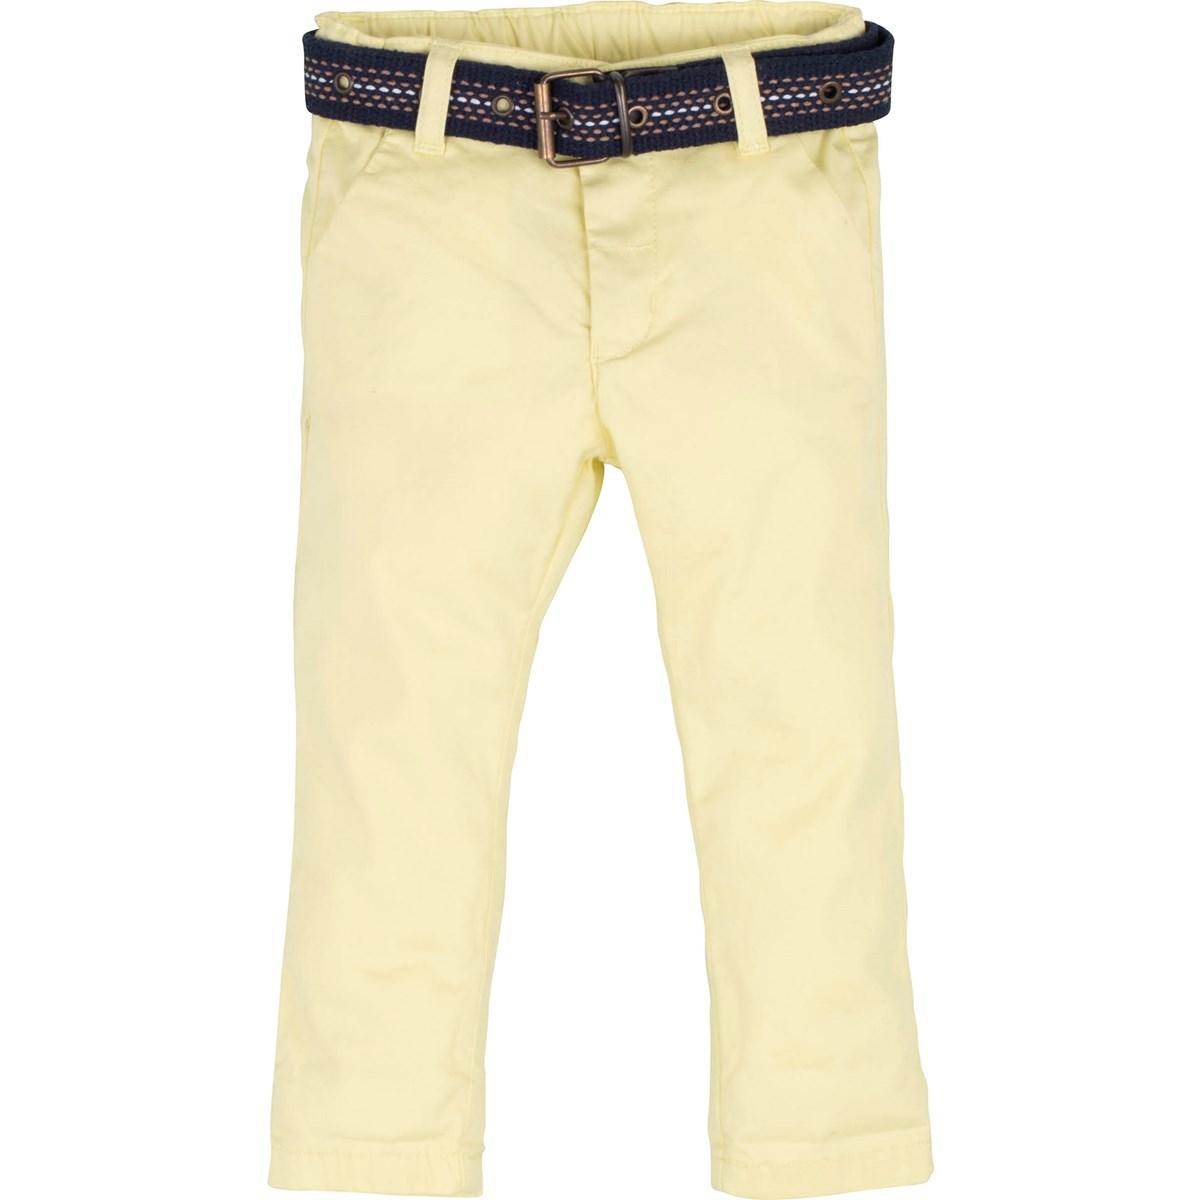 8704 Pantolon 1